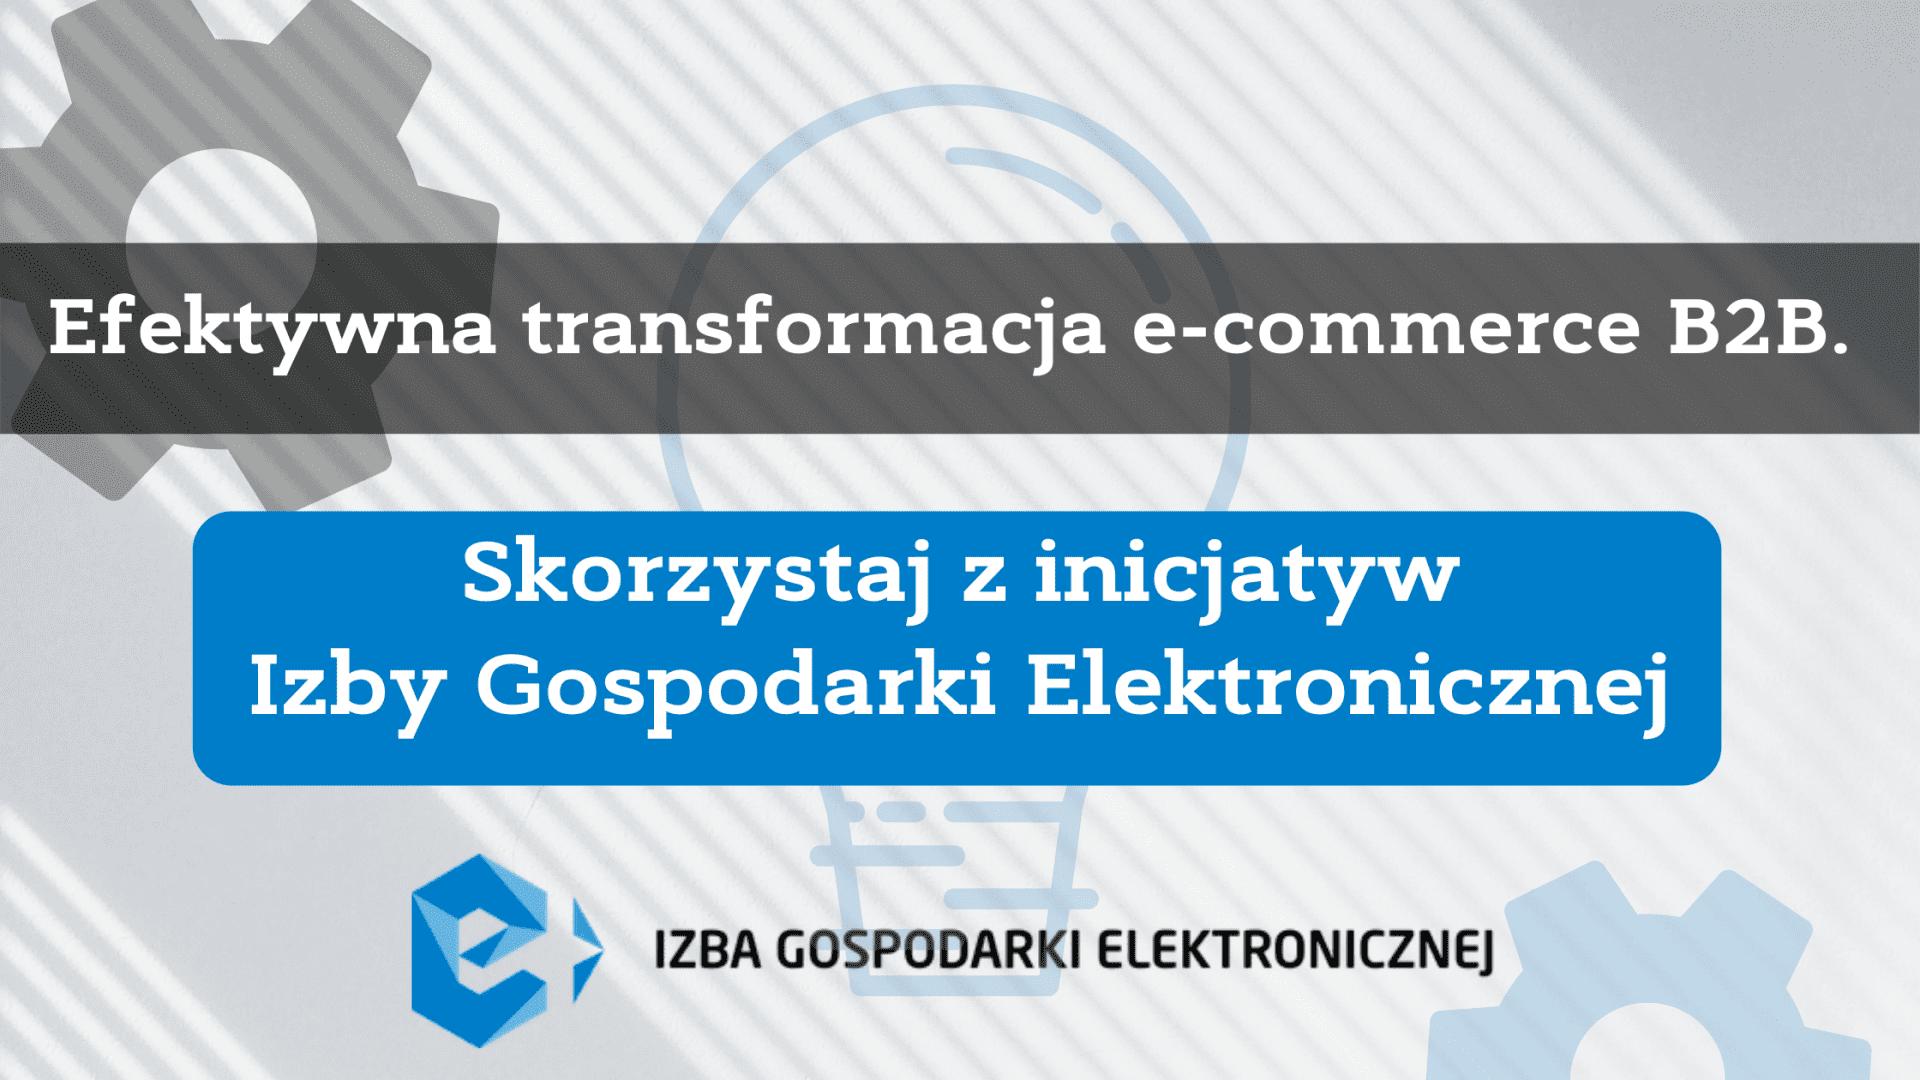 Efektywna transformacja e-commerce B2B. Skorzystaj z inicjatyw Izby Gospodarki Elektronicznej